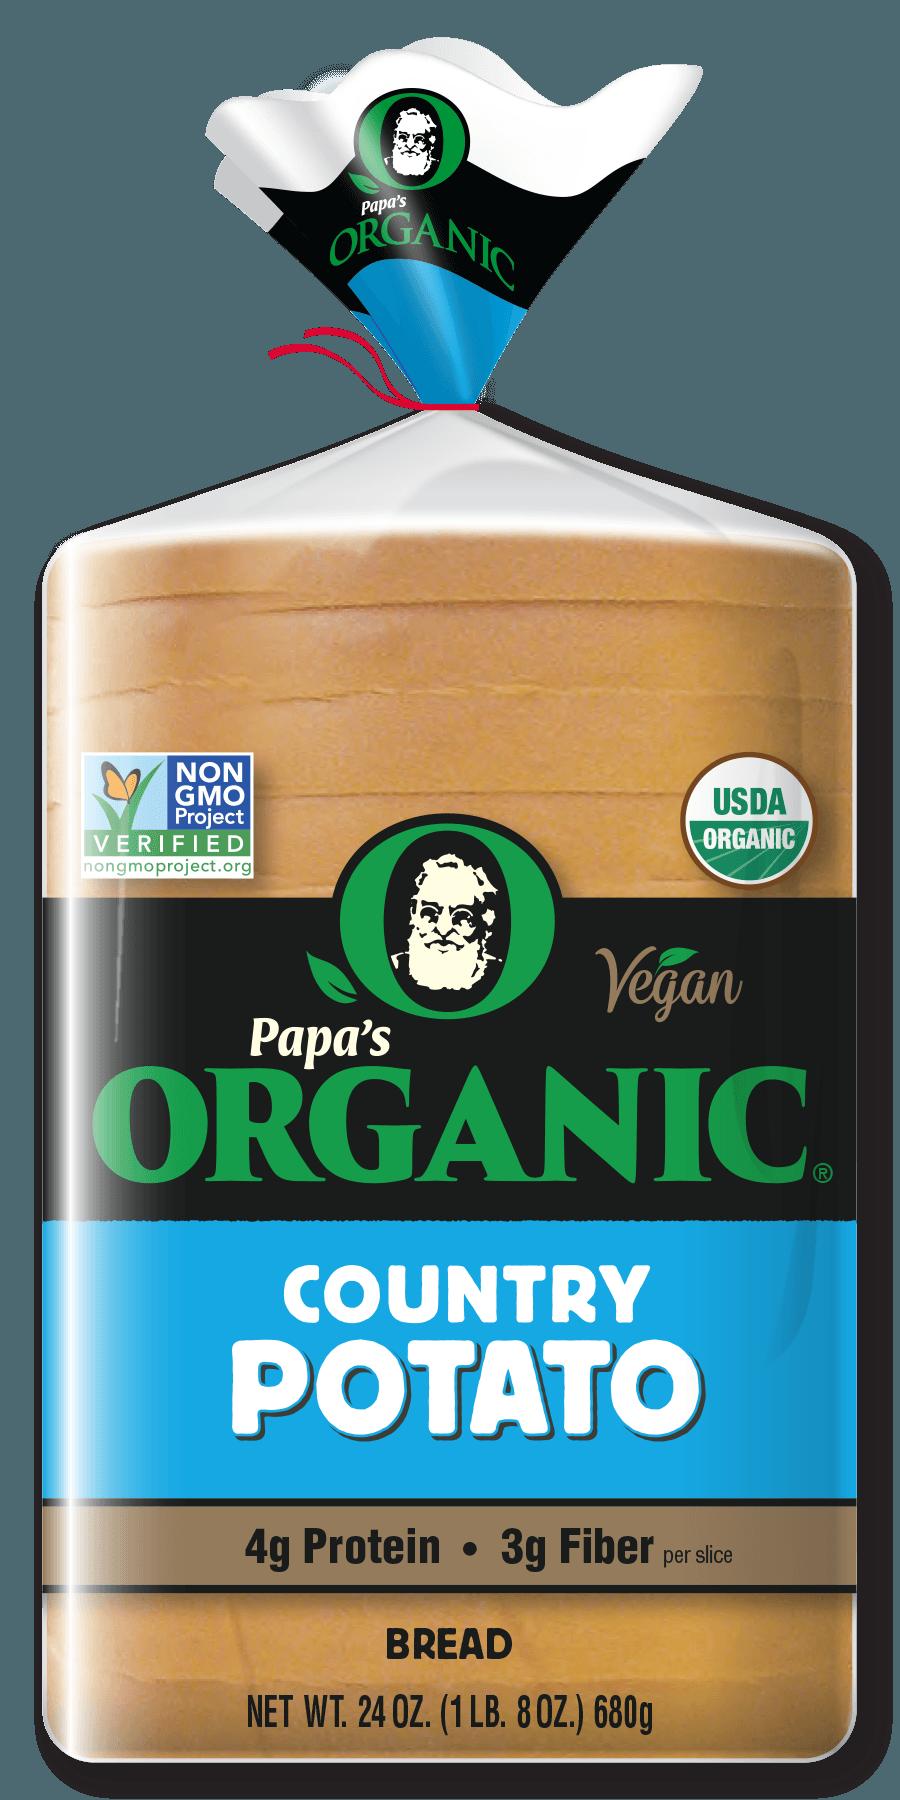 Papa's Organic Country Potato